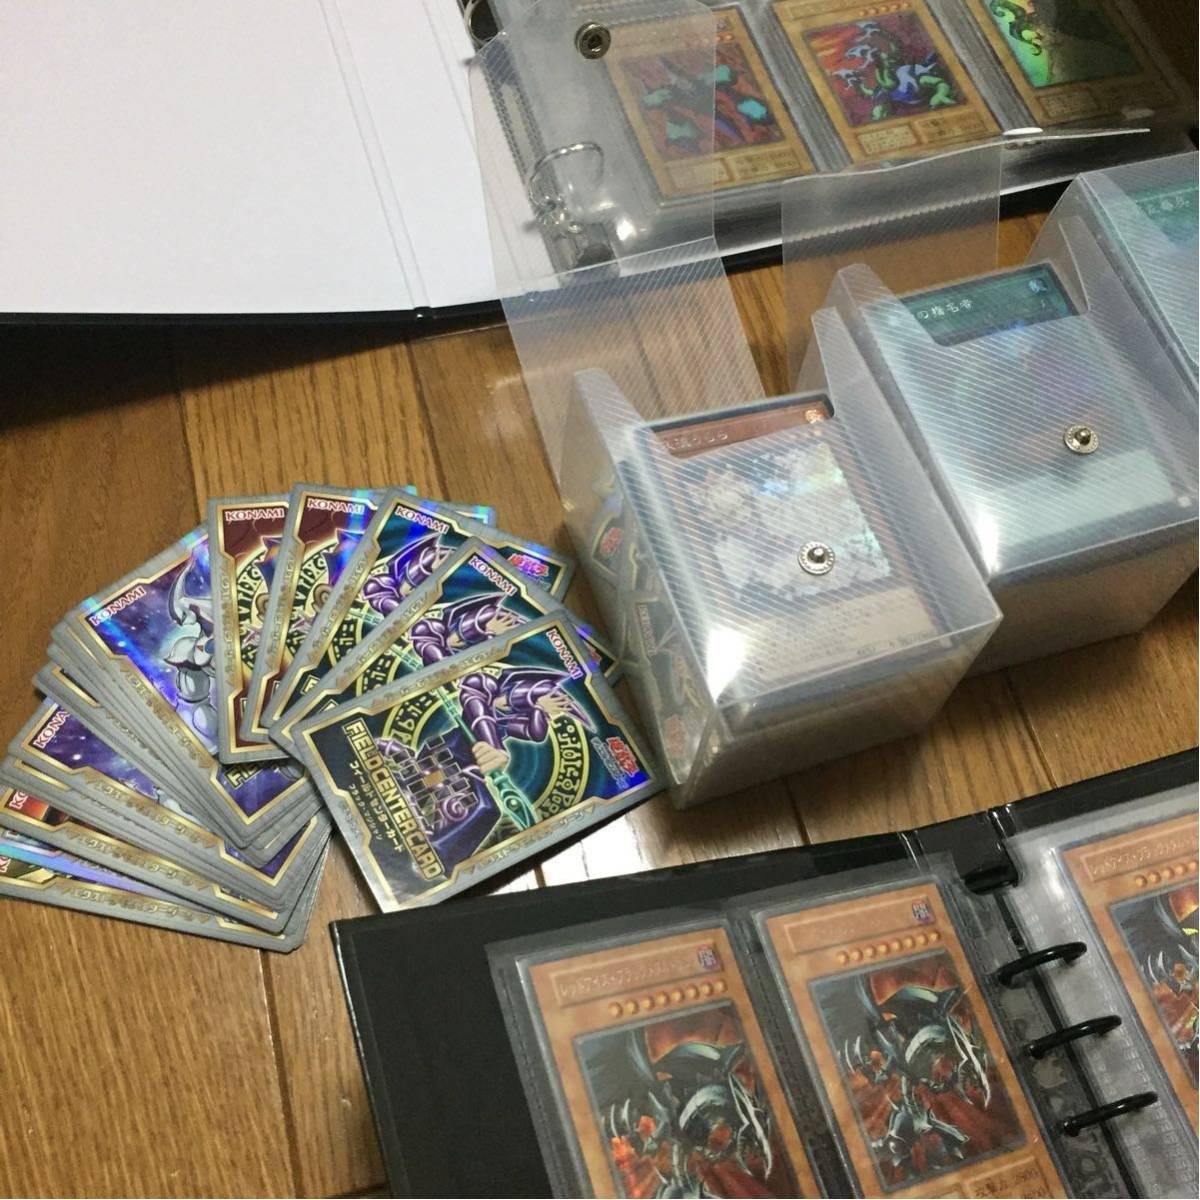 遊戯王 遊戯王カード コレクション 完全引退品 引退 初期 初期カード レア 希少 絶版 限定 まとめ売り プロモ ウルシク _画像7